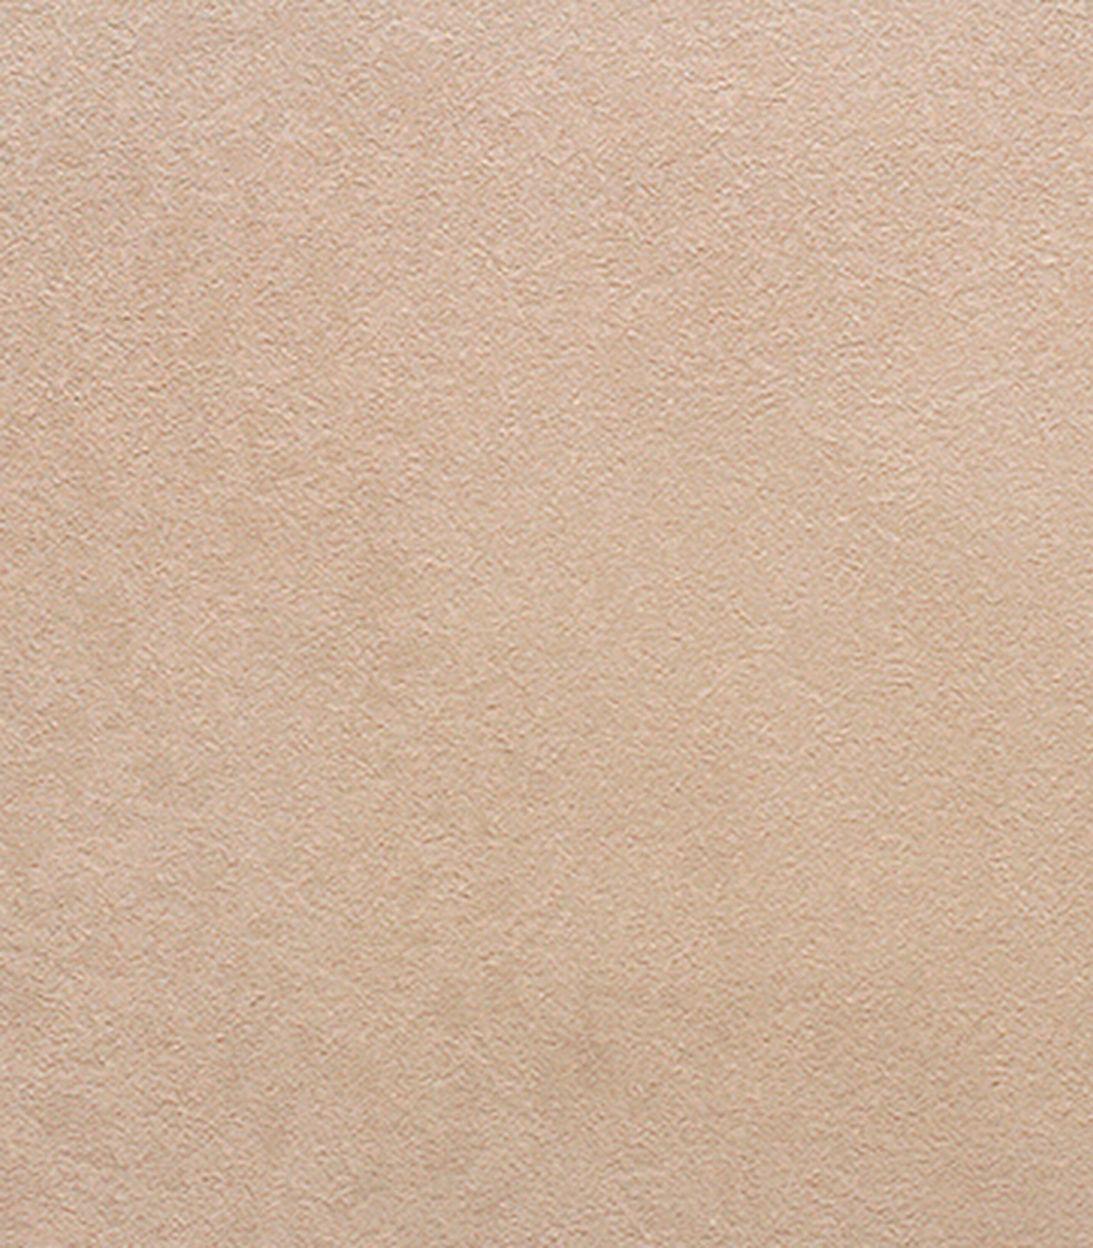 Обои виниловые на бумажной основе Elysium Бельведер 0,53х10м 68001 виниловые обои limonta di seta 55711